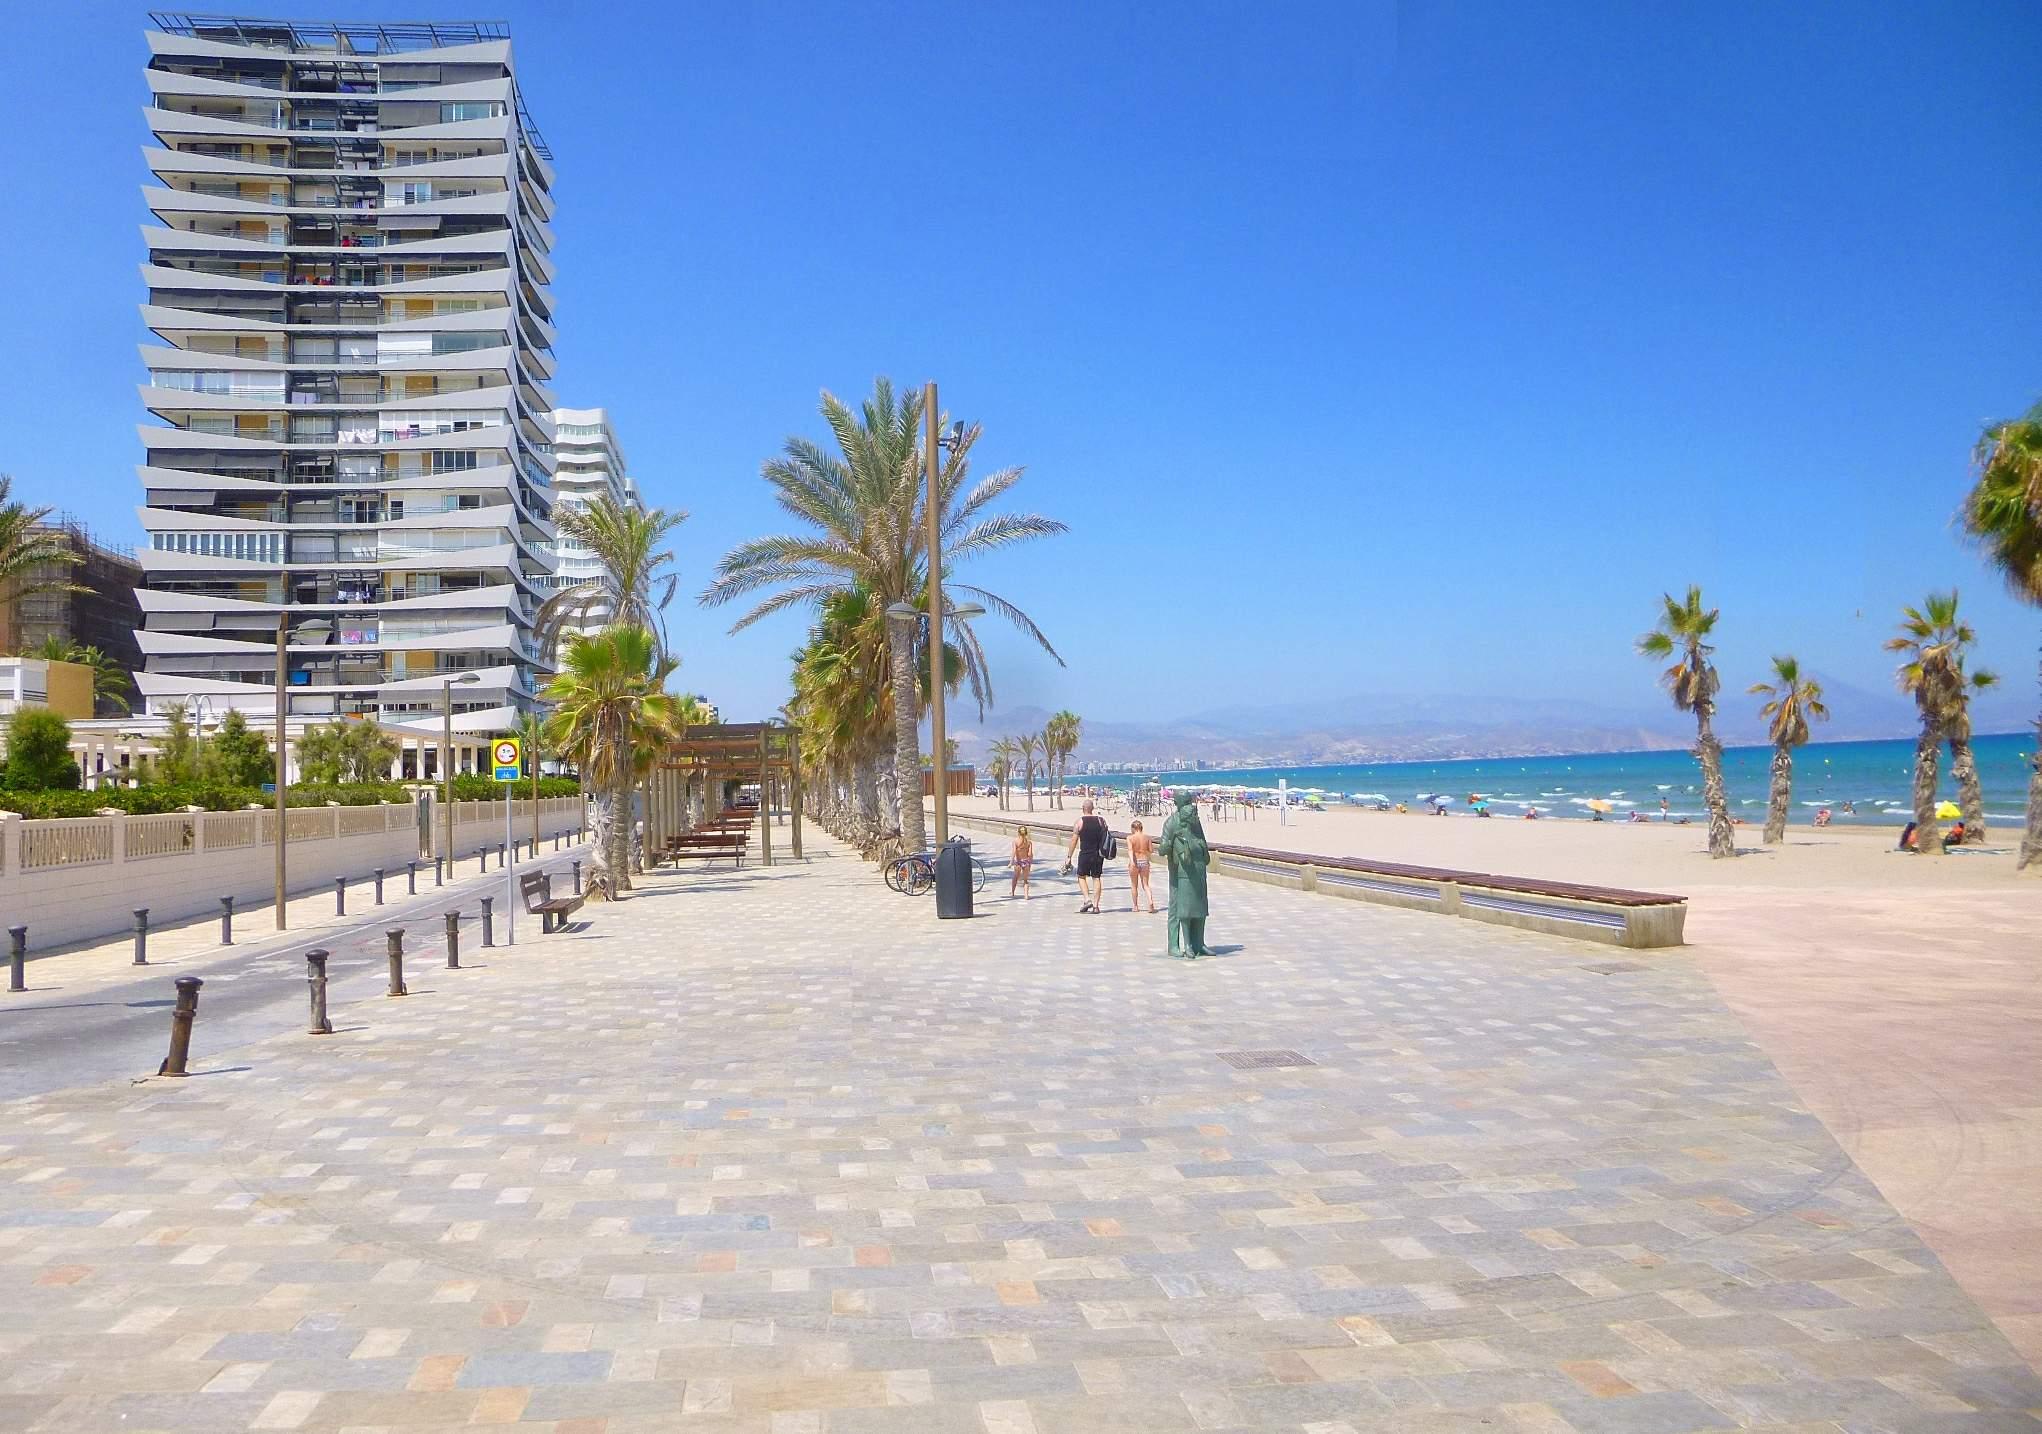 San Juan Strand in Alicante